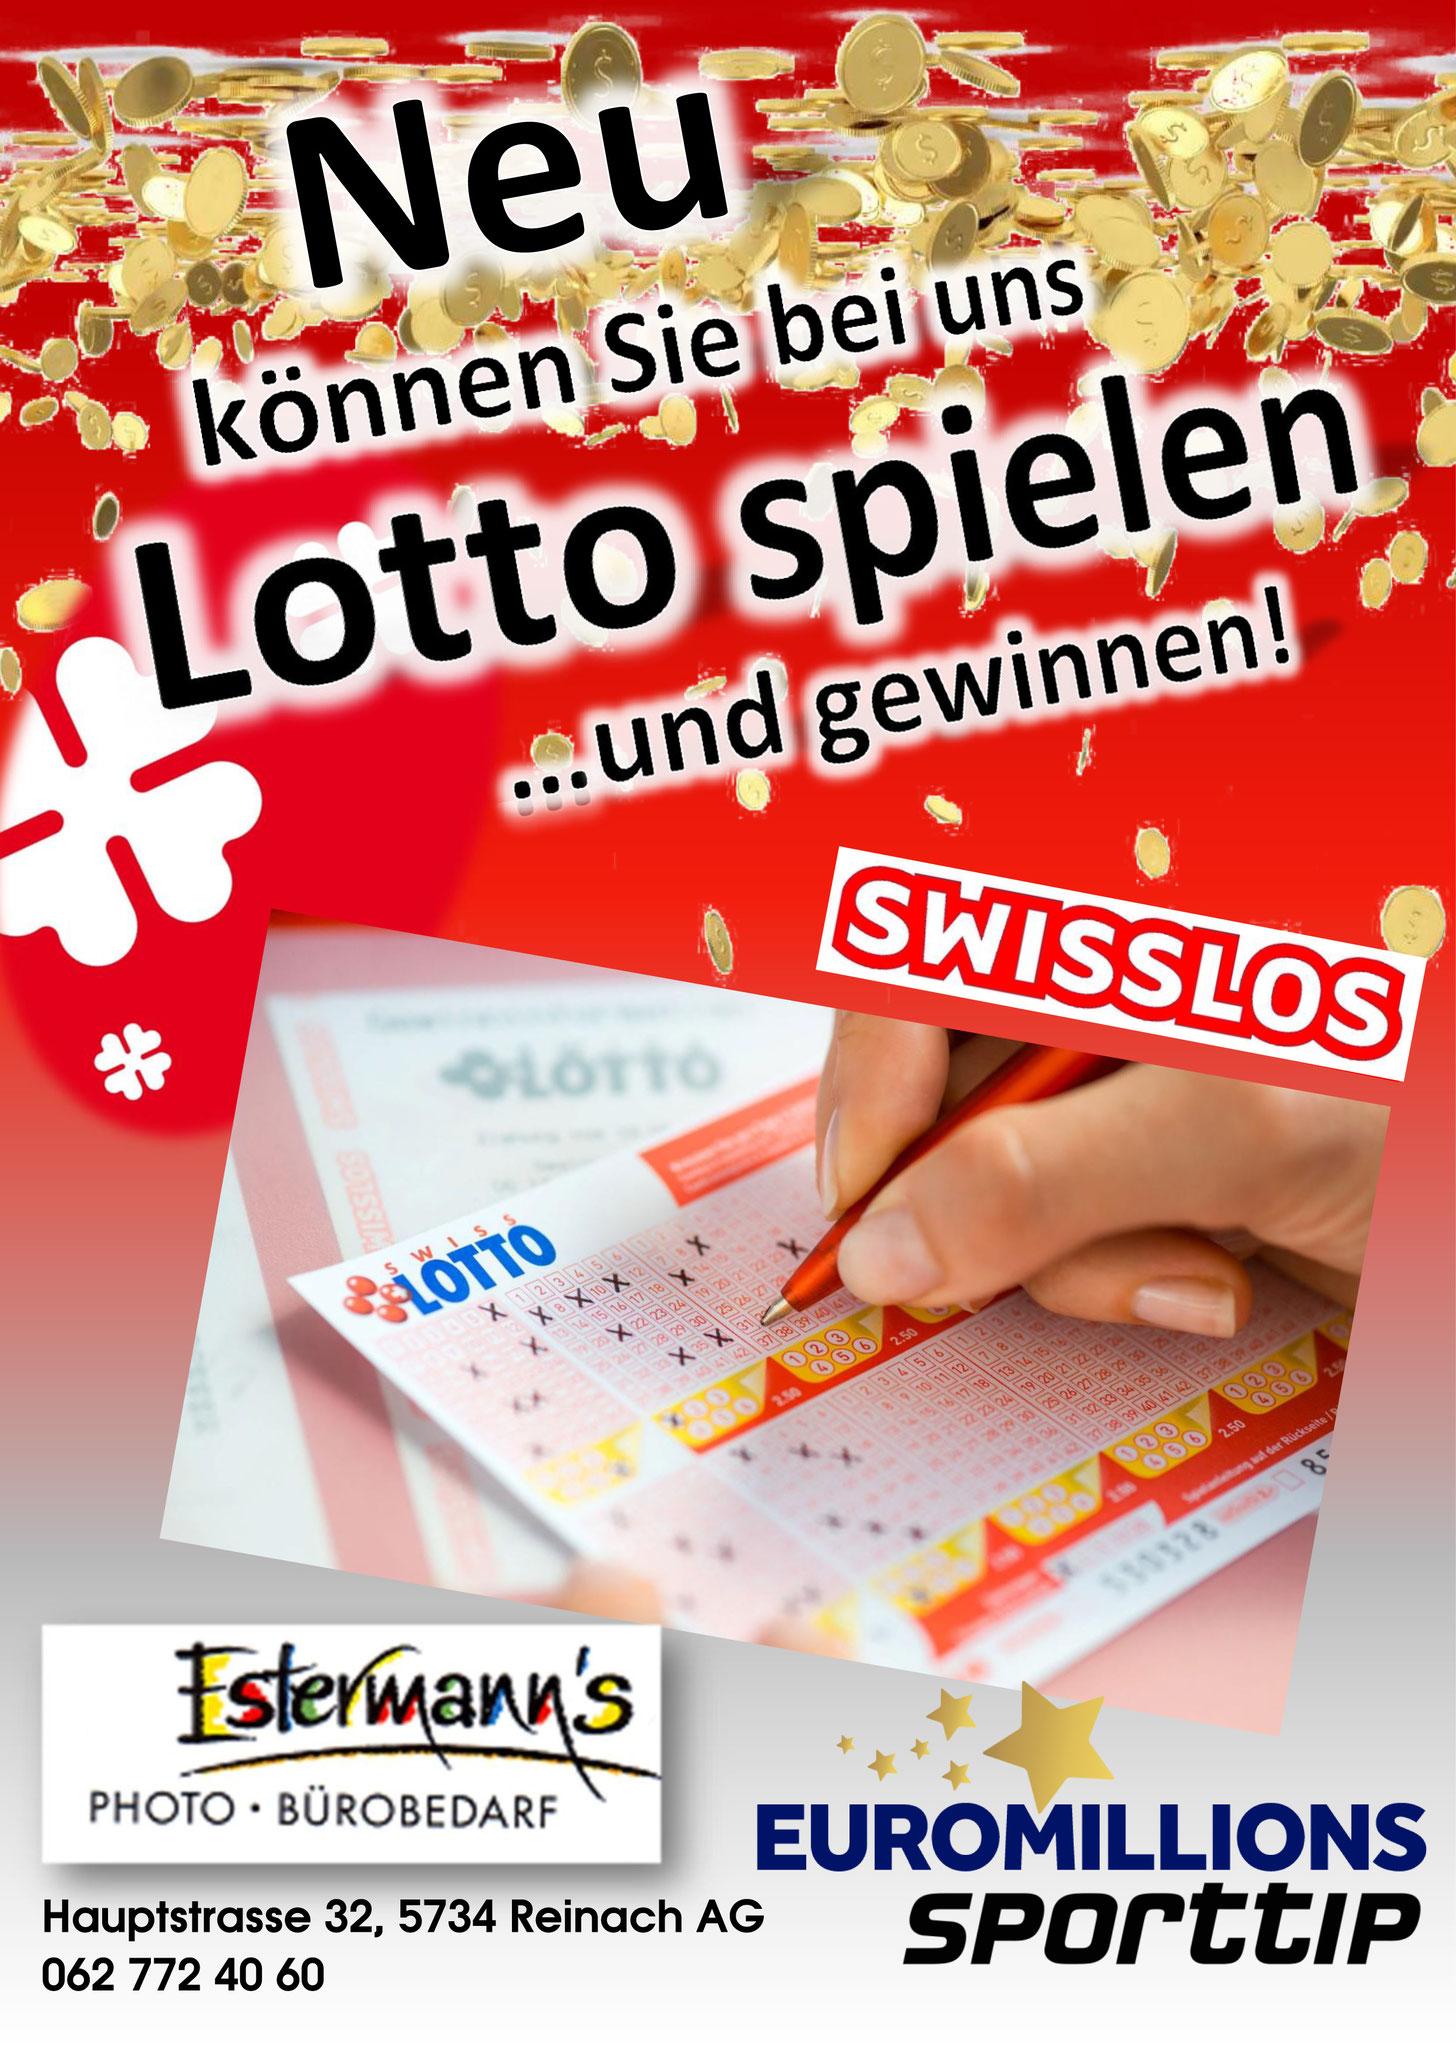 Auch in Reinach können Sie ab sofort Lotto spielen